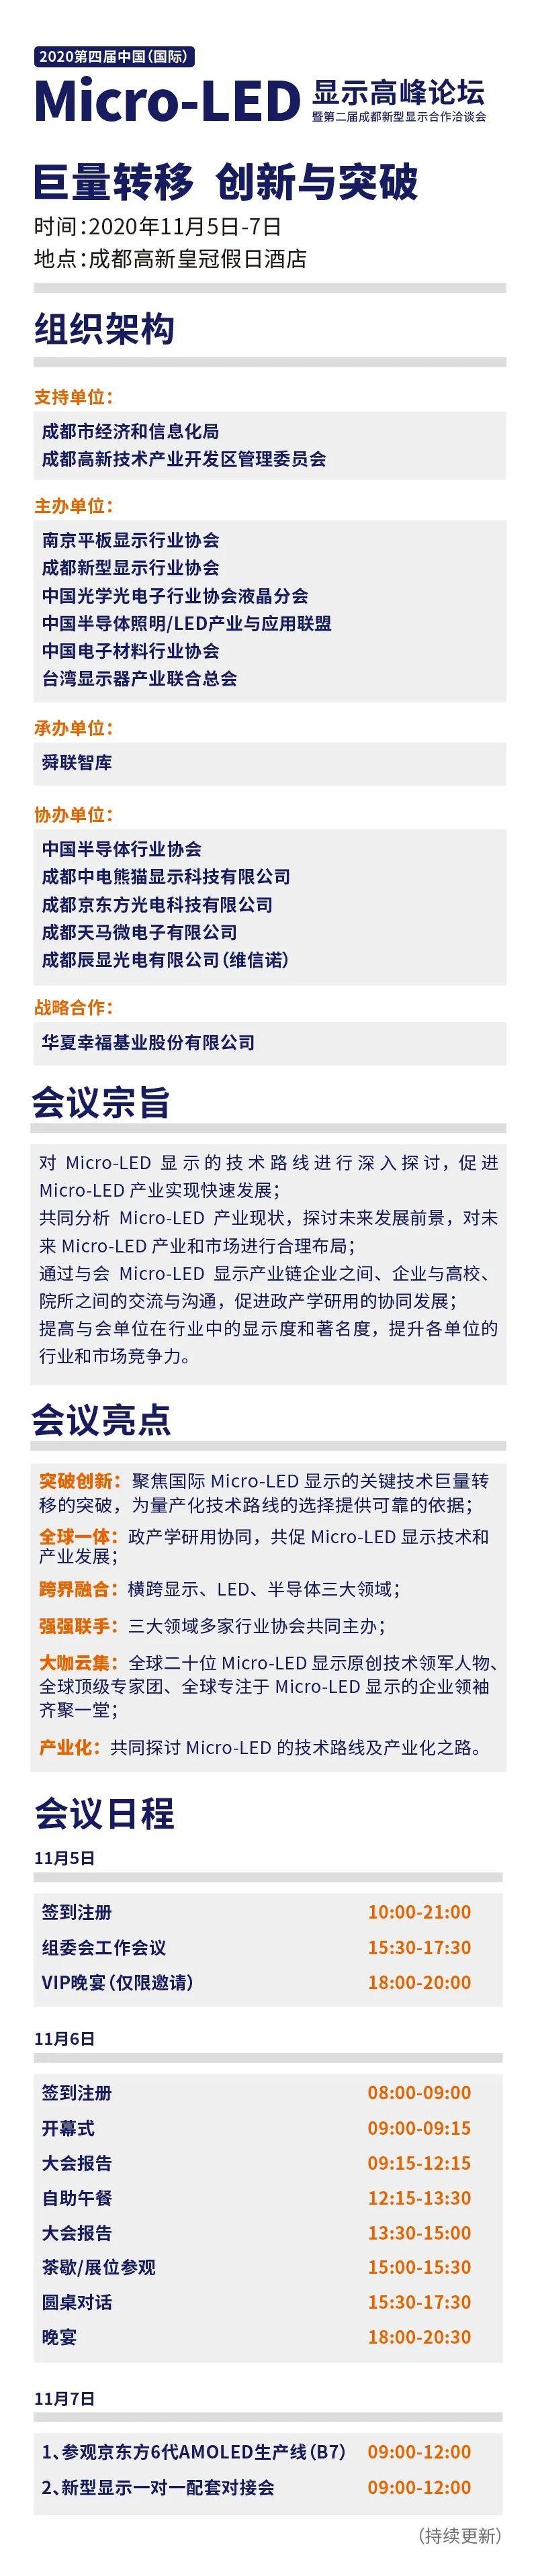 2020第四届中国Micro-LED显示高峰论坛:探讨、参观、对接,精彩以待  第4张